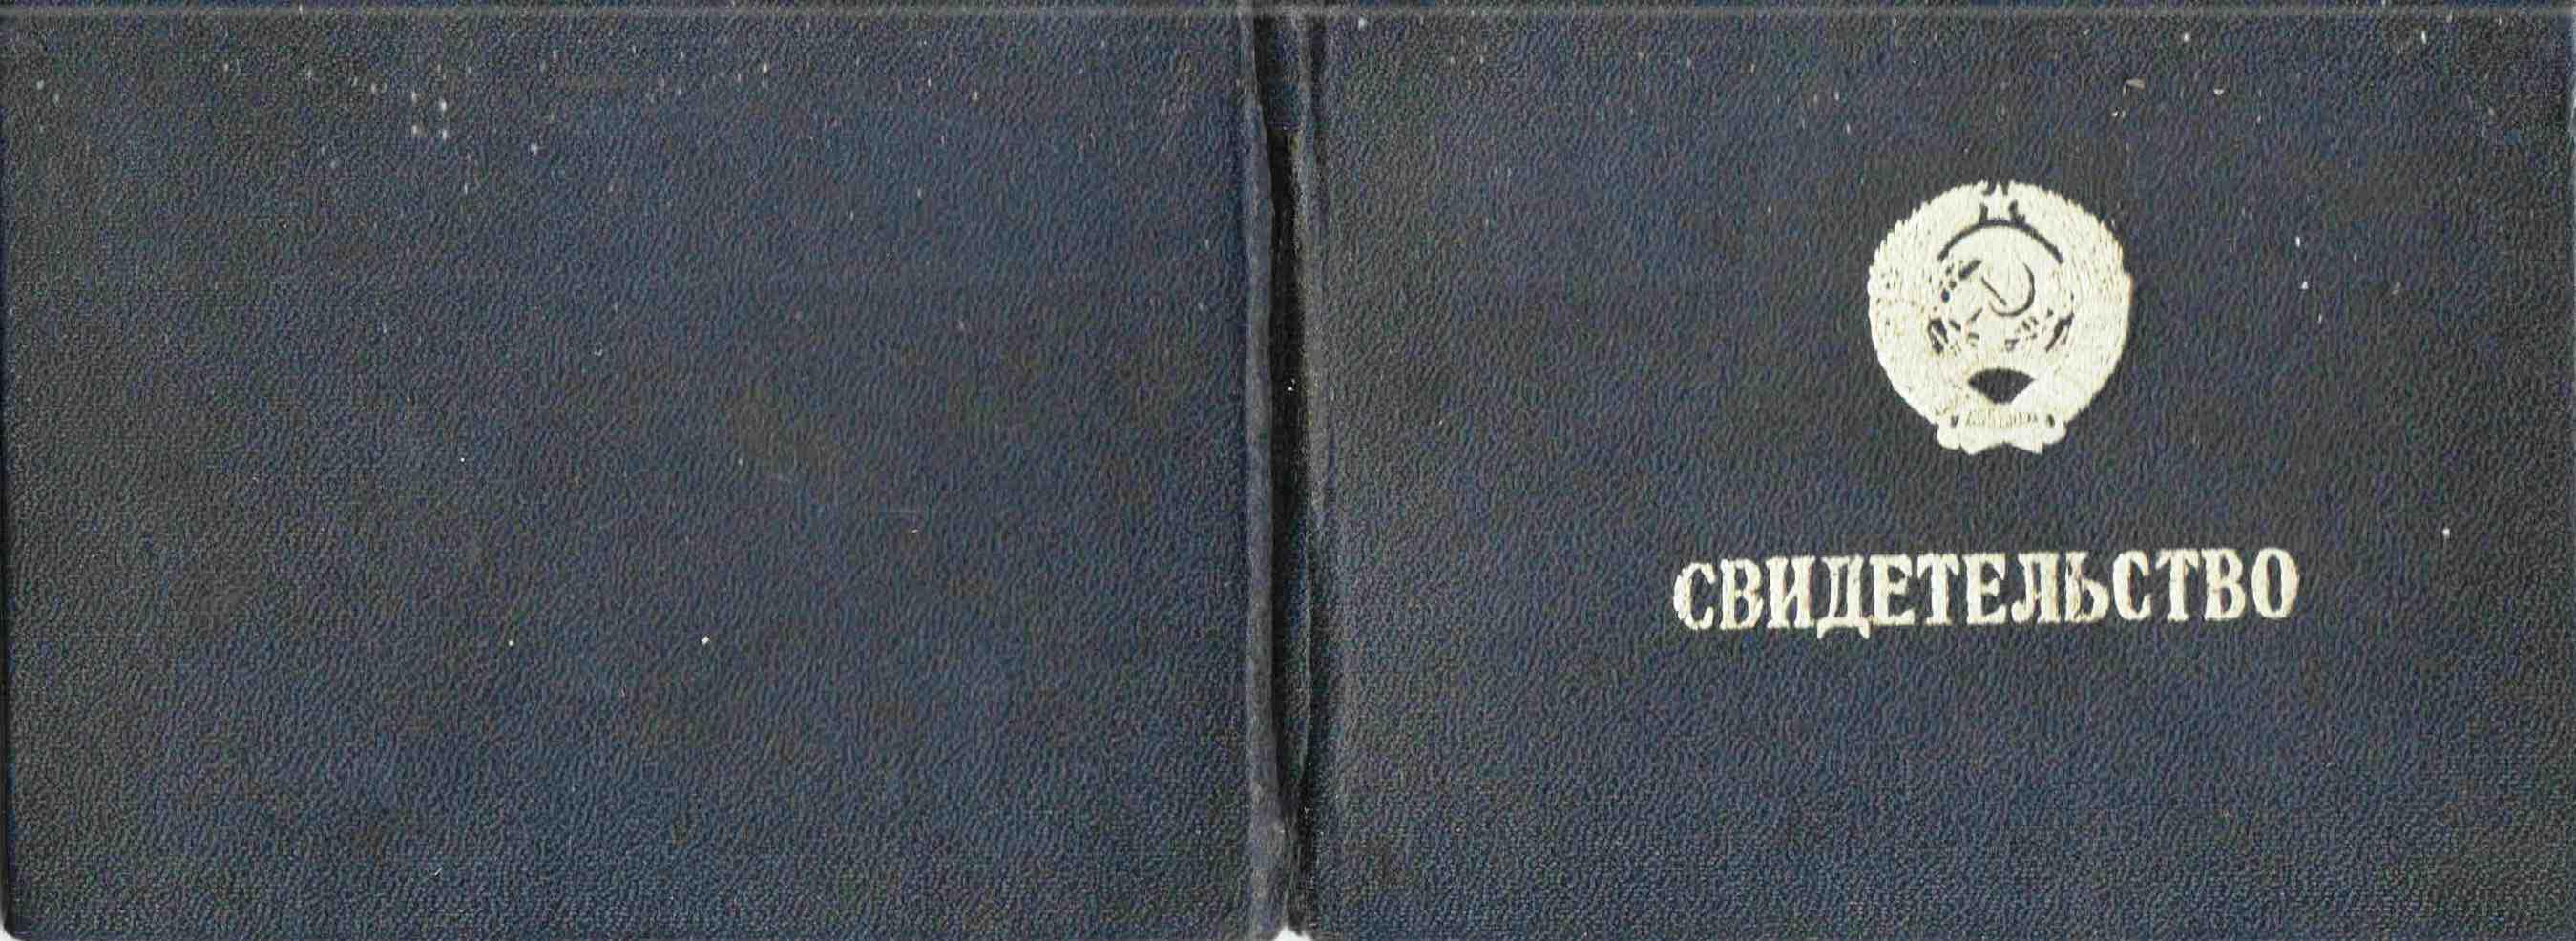 57. Свидетельство на пользование бензопилой МП-5 Урал, 1975 г.